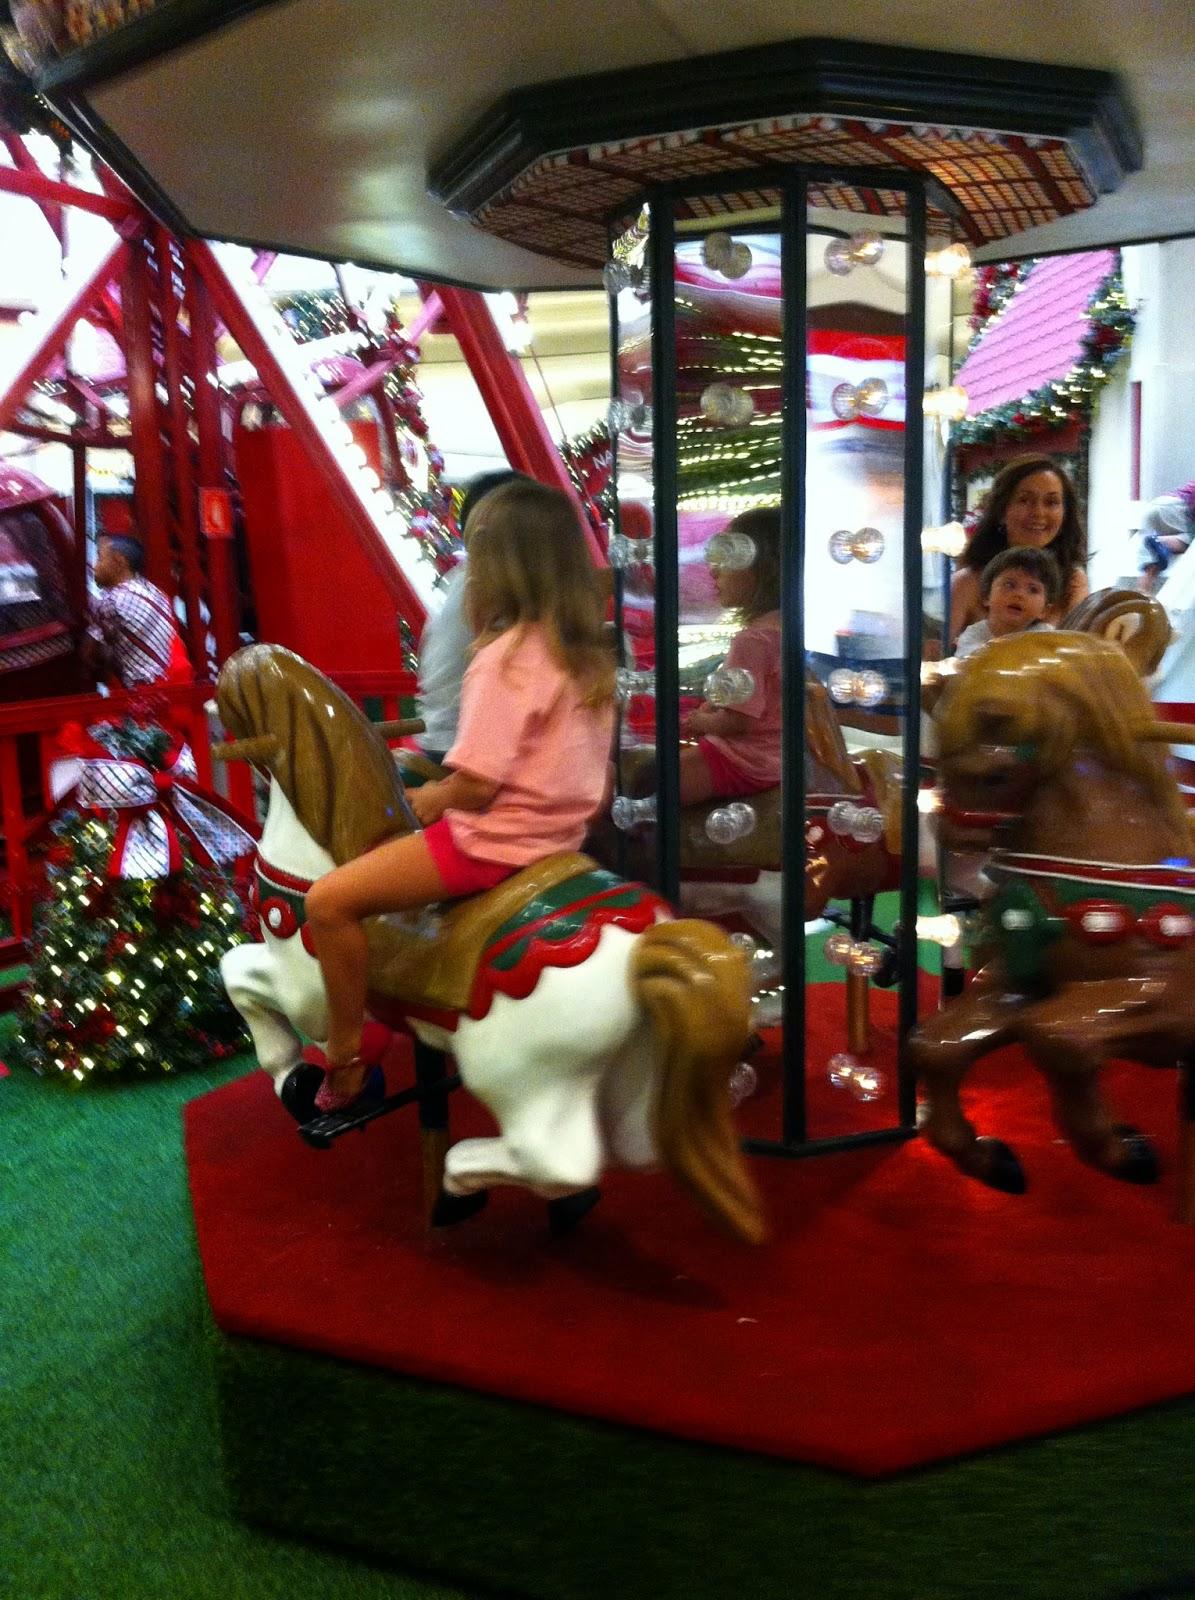 Descrição da Foto: Um carrossel composto por quatro cavalos de brinquedo, espelho e luzes no mastro. As crianças estão sentadas. Estou de pé no fundo acompanhando meu filho.